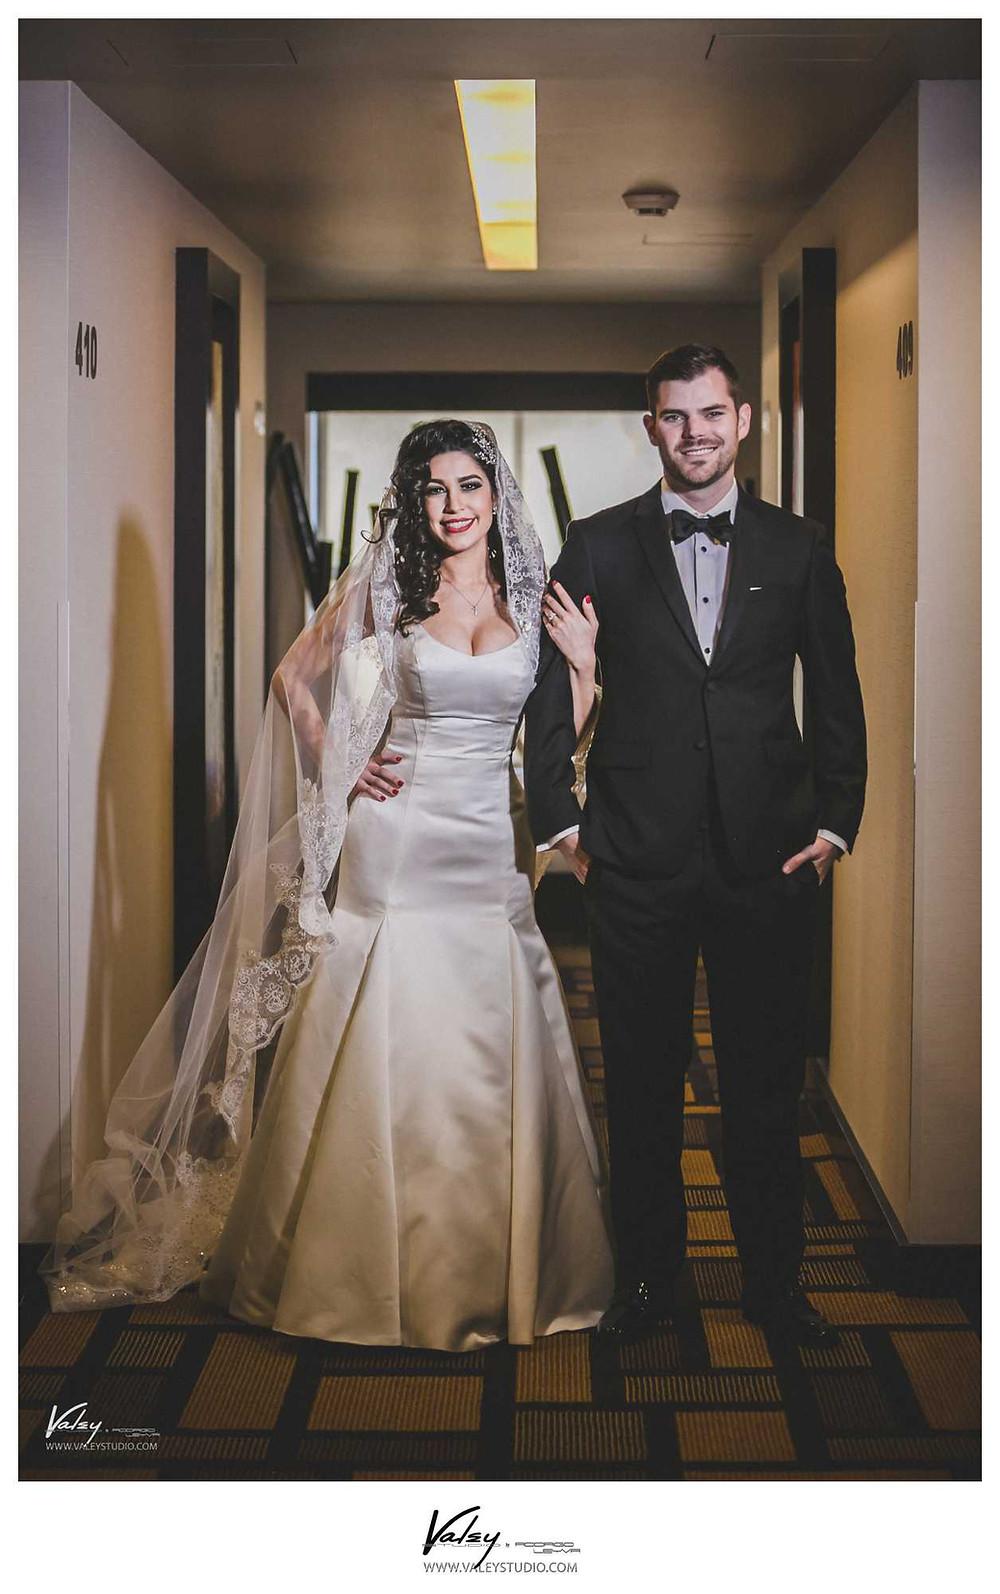 wedding-valeystudio-real-del-rio-tijuana-17.jpg